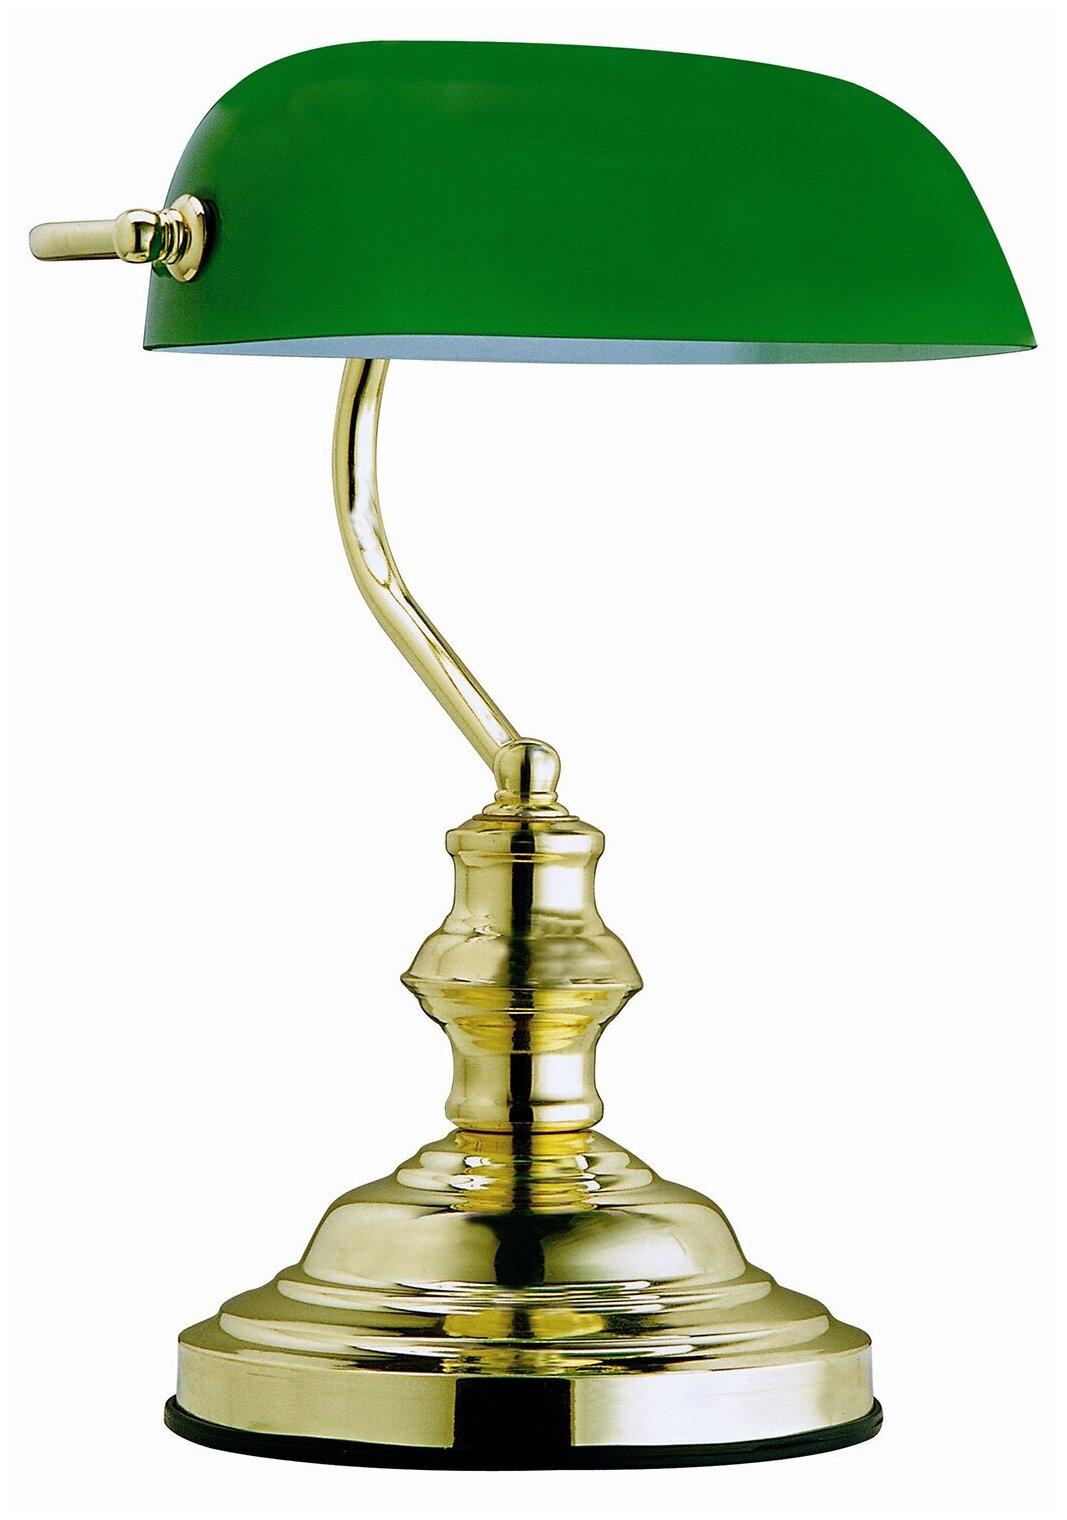 Купить Настольная лампа Globo Lighting ANTIQUE 2491, 60 Вт по низкой цене с доставкой из Яндекс.Маркета